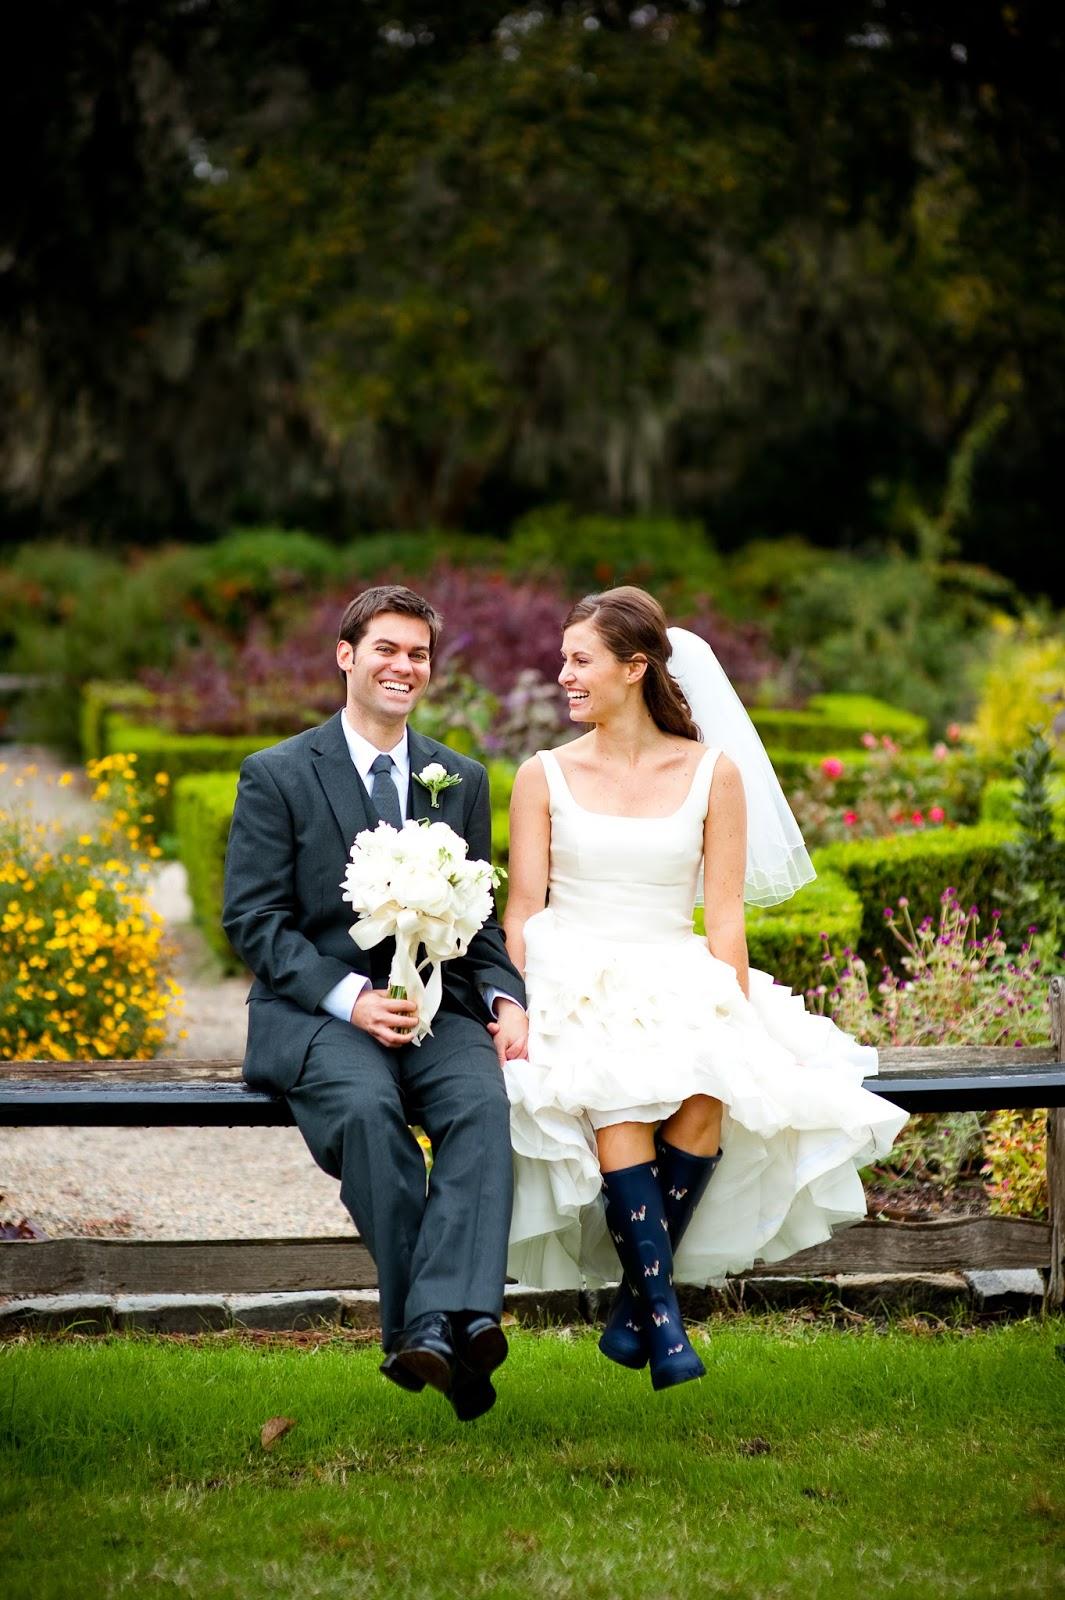 IRON & TWINE: Wedding | 5 Year Anniversary